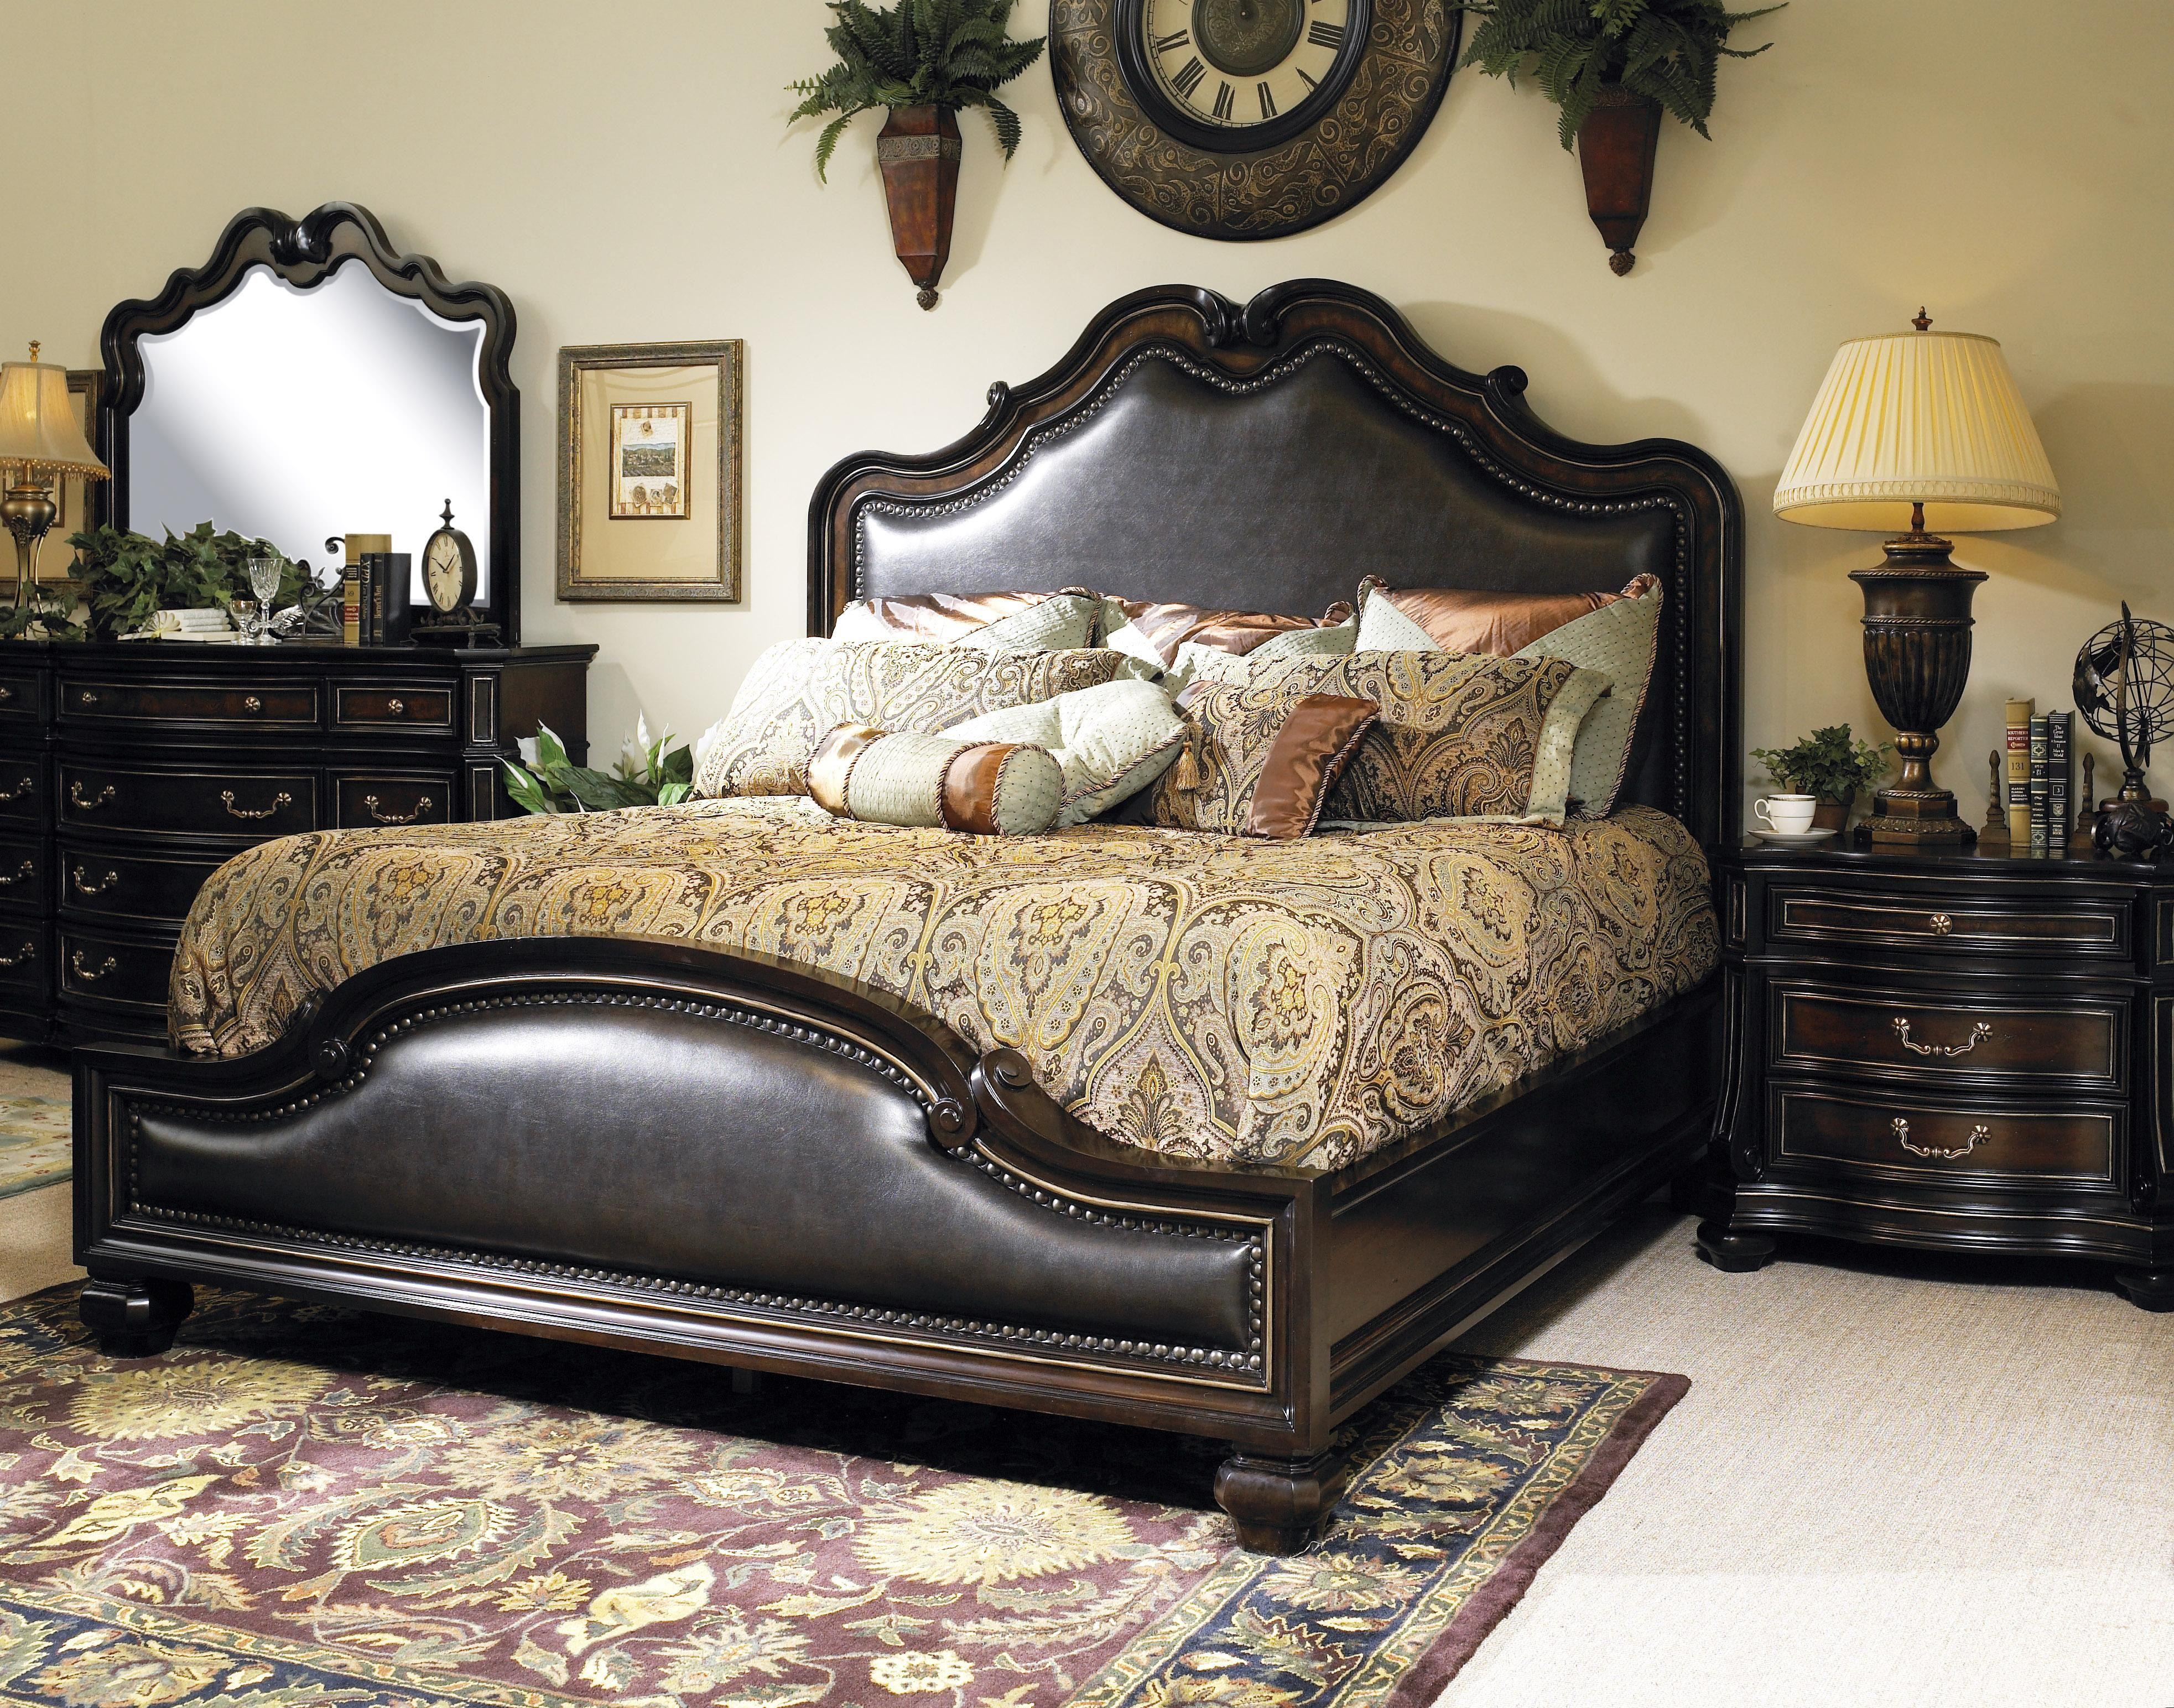 Fairmont Designs Bedroom Sets Unique Wellingsley C7008Fairmont Designs  Baer's Furniture Inspiration Design